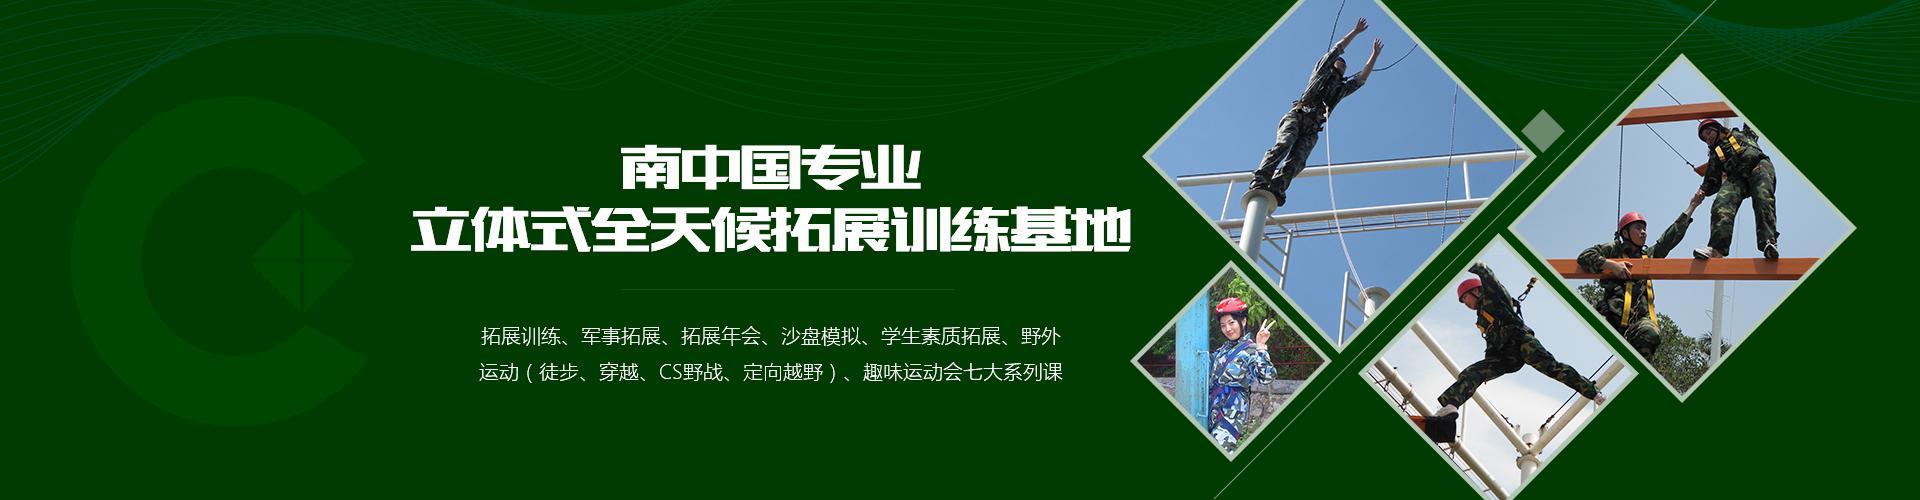 深圳拓展培训公司